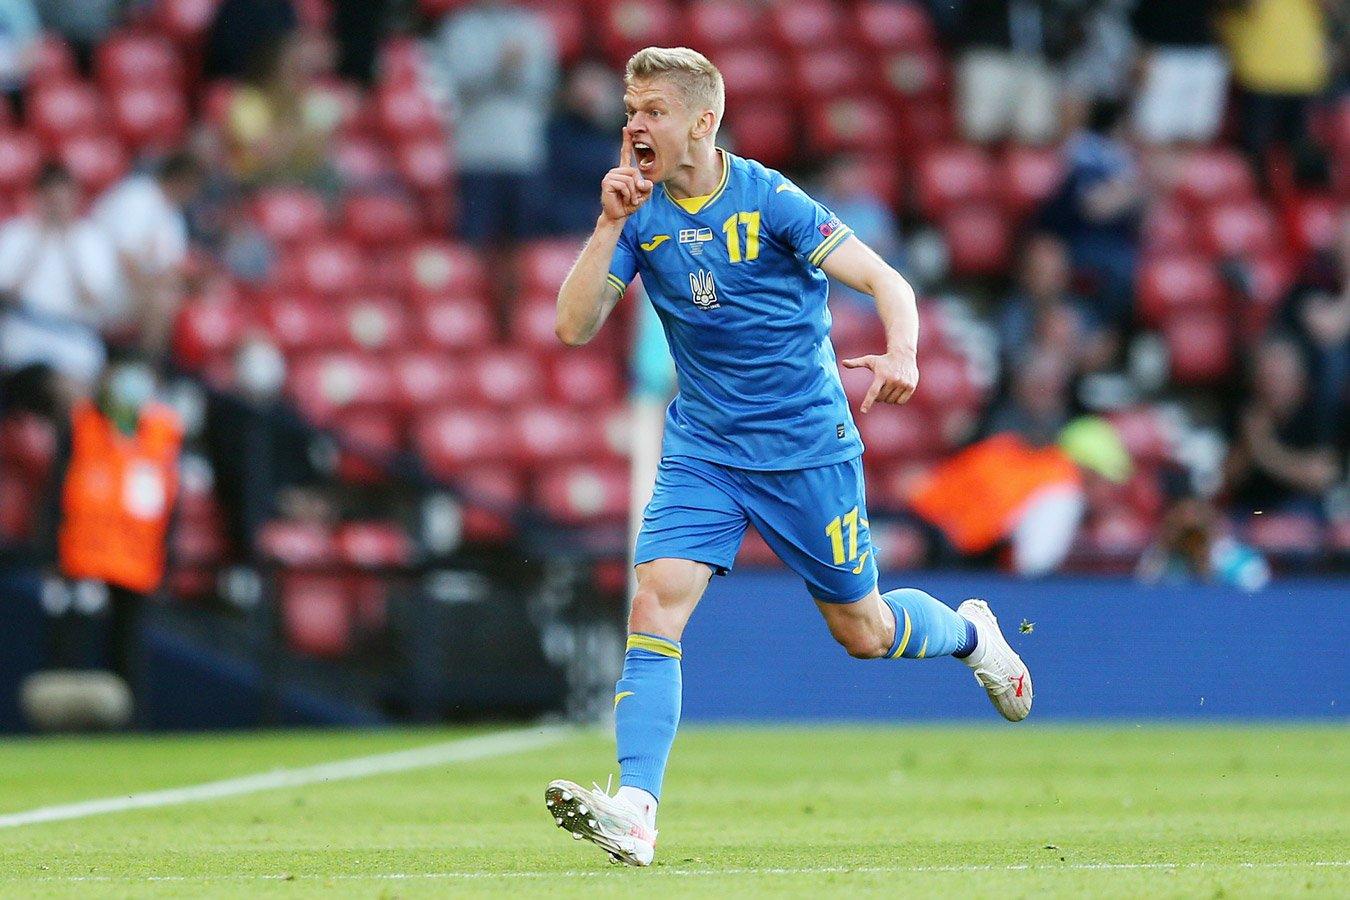 Сборная Украины в овертайме вырвала победу у Швеции и вышла в 1/4 финала Евро